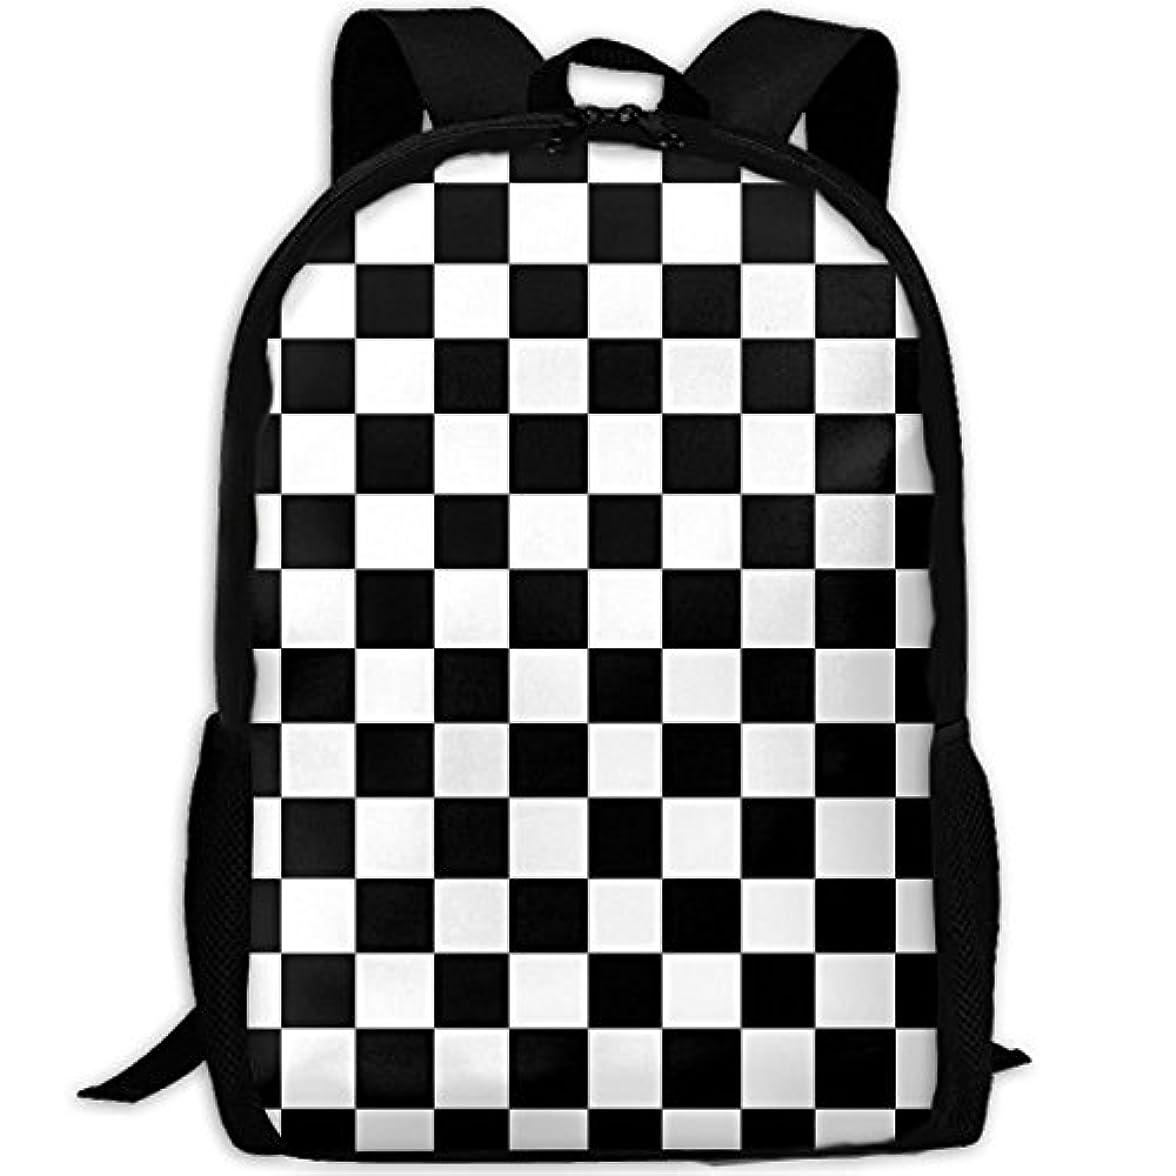 役に立たないコマースカスケードmalsjk8 checkerboard-black &ホワイトgrphic. Jpg防水スクールバッグ丈夫旅行キャンプバックパックforボーイズ、ガールズ